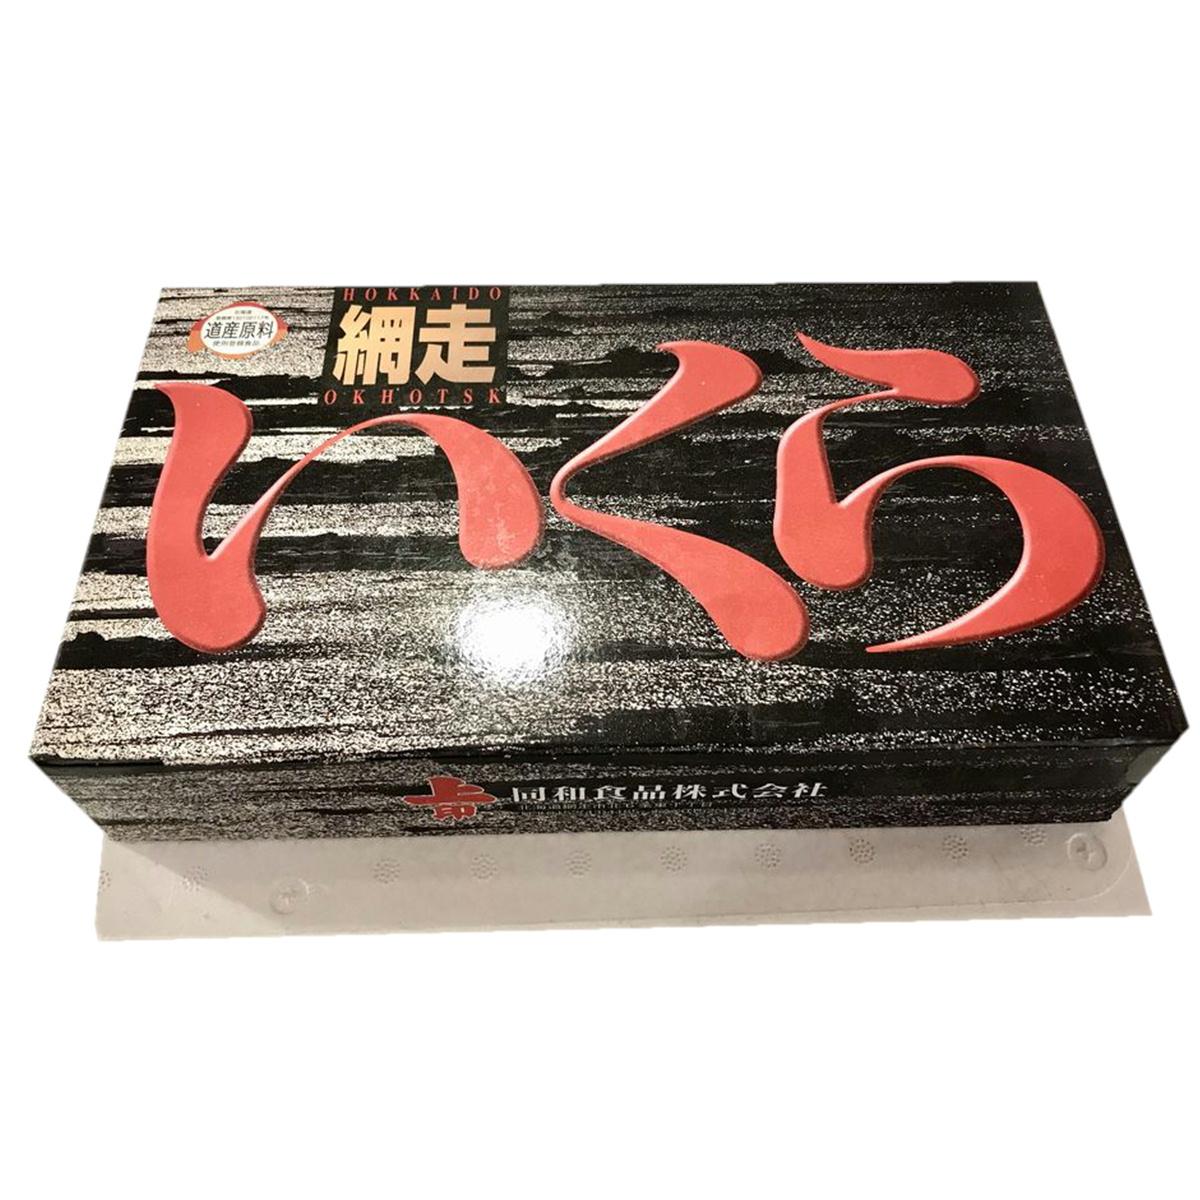 塩 いくら 1kg入り  業務用【北海道産】 寿司種、海鮮丼、手巻き等にいかがでしょうか。◇お得な配送設定あり【冷凍便】(2個まで同梱可能)